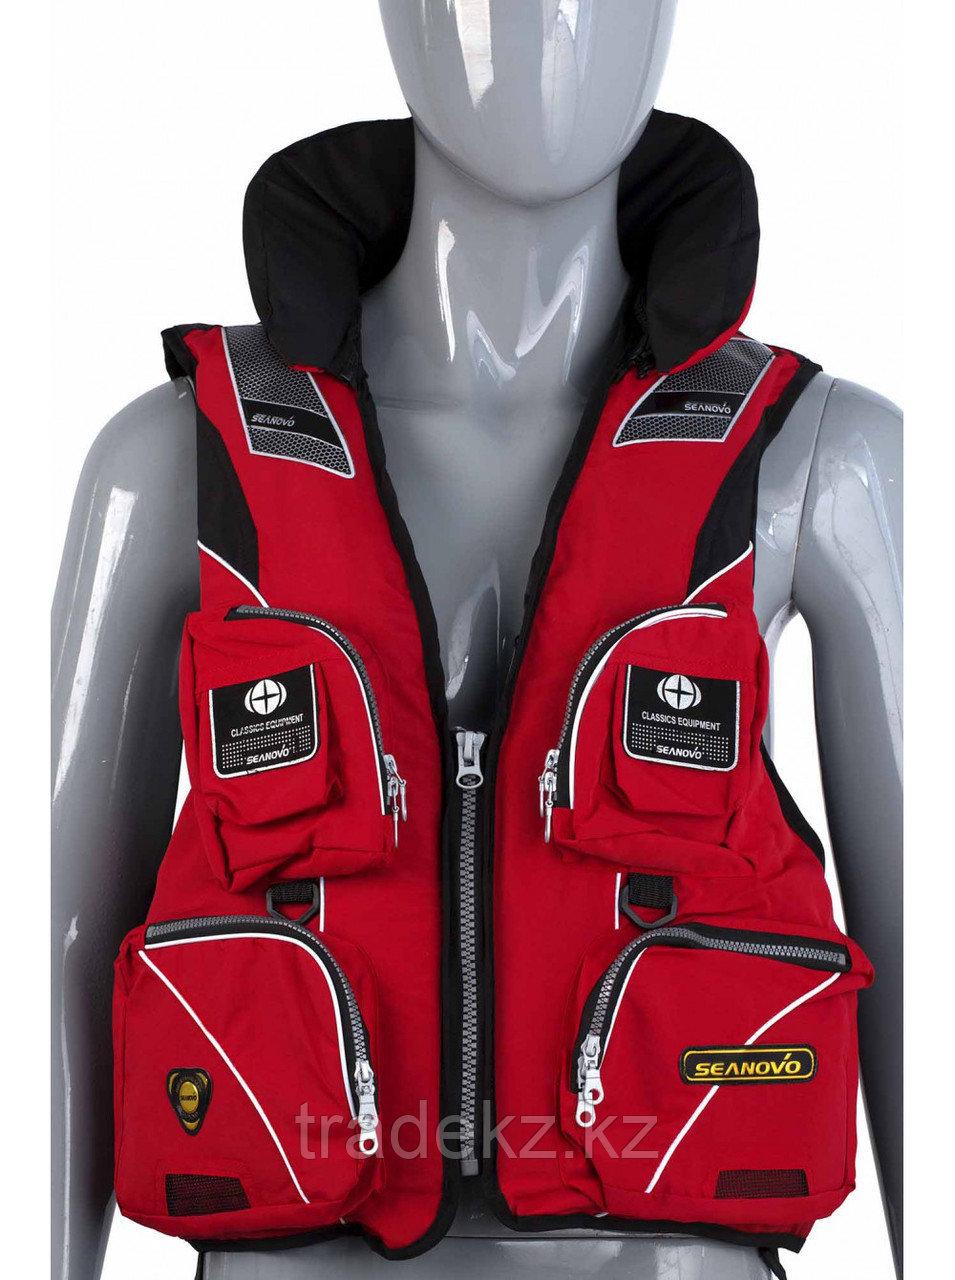 Жилет спасательный SEANOVO SJ11, красный, накладные карманы, размер XXXXL (60+)